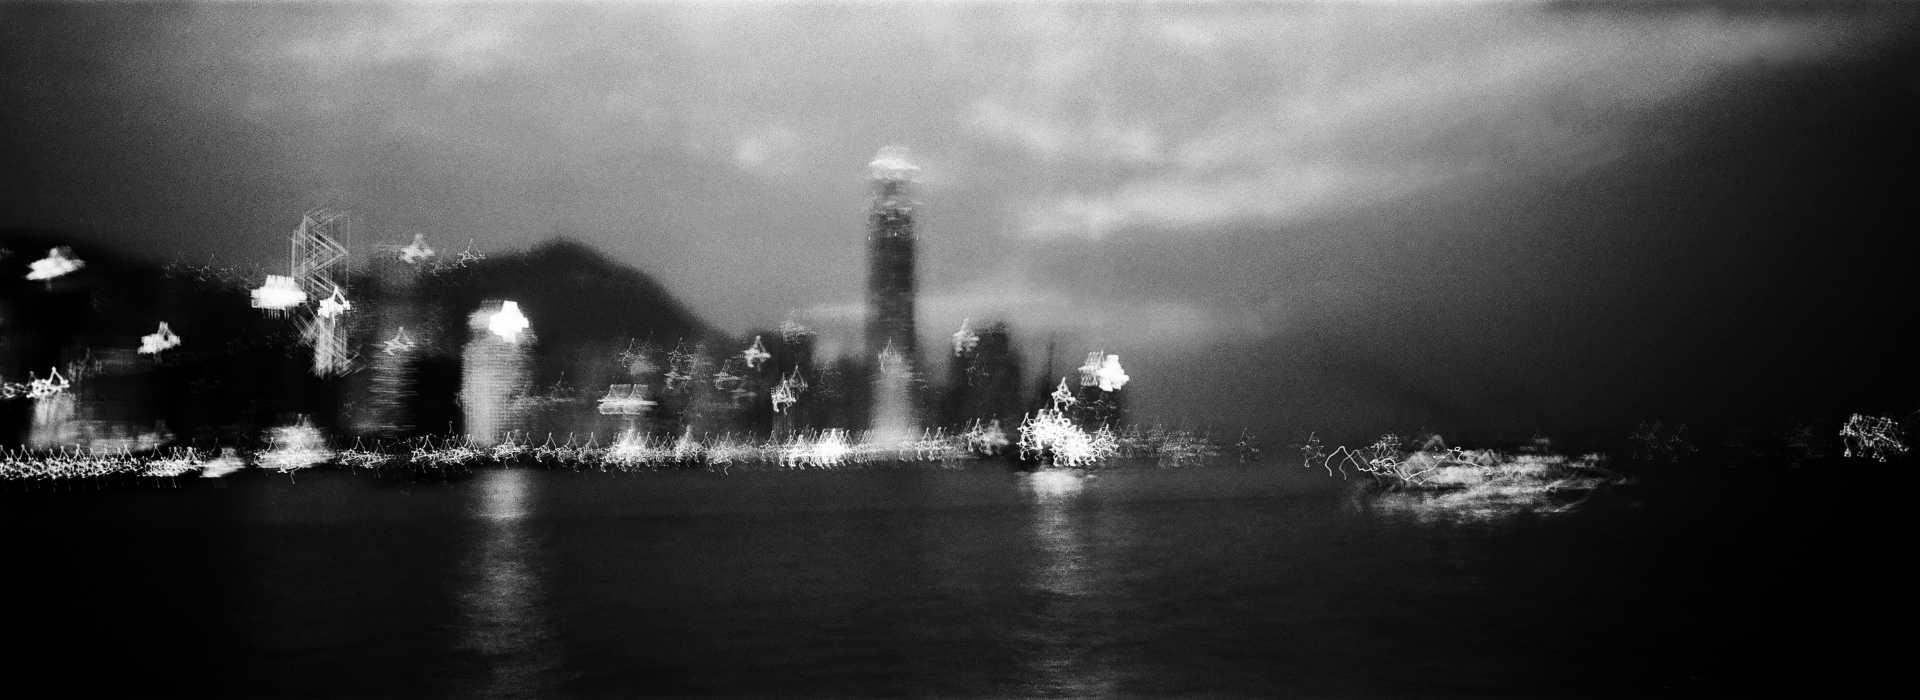 Victoria Harbour at night. Hong Kong 2015.